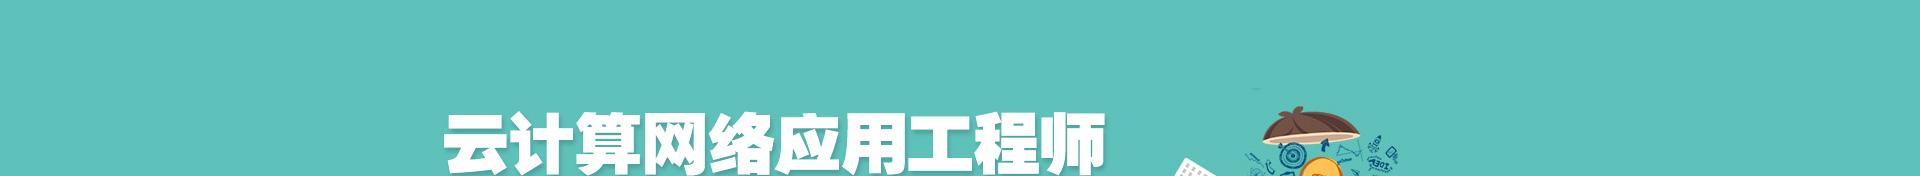 学网络软件开发选云南必威官网亚洲体育,就业有保障